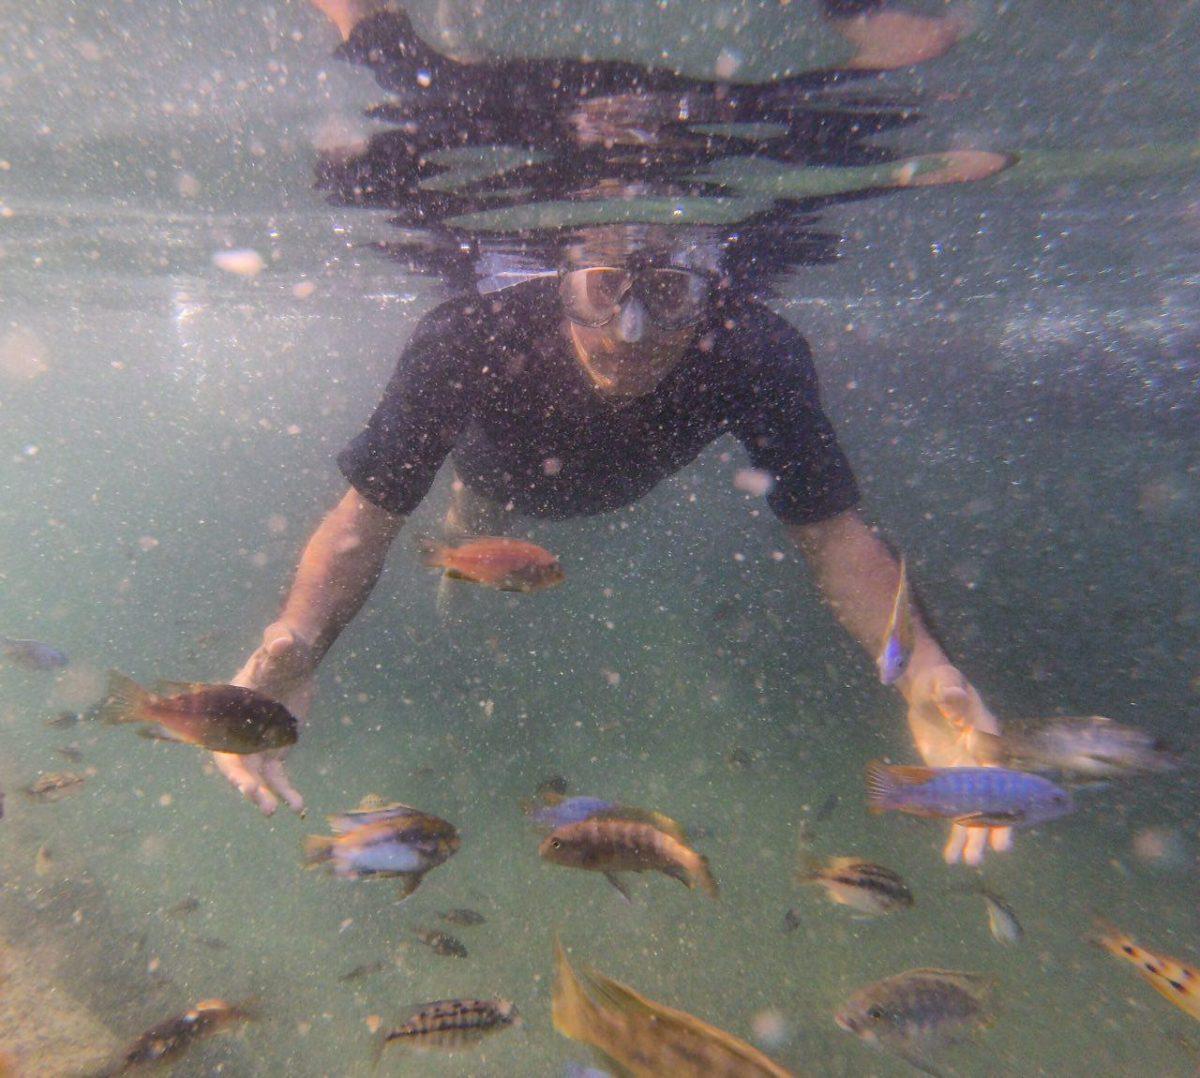 حس خوبیست عینک شنا بزنی به چشمانت و شناور دریایی از زیبایی شوی، با رنگ های بدیعش، می آیند پیش چشمانت، ماهی ها را می گویم، هر یک با طرحی و رنگی، شاید اصلا نشانه ای باشند...